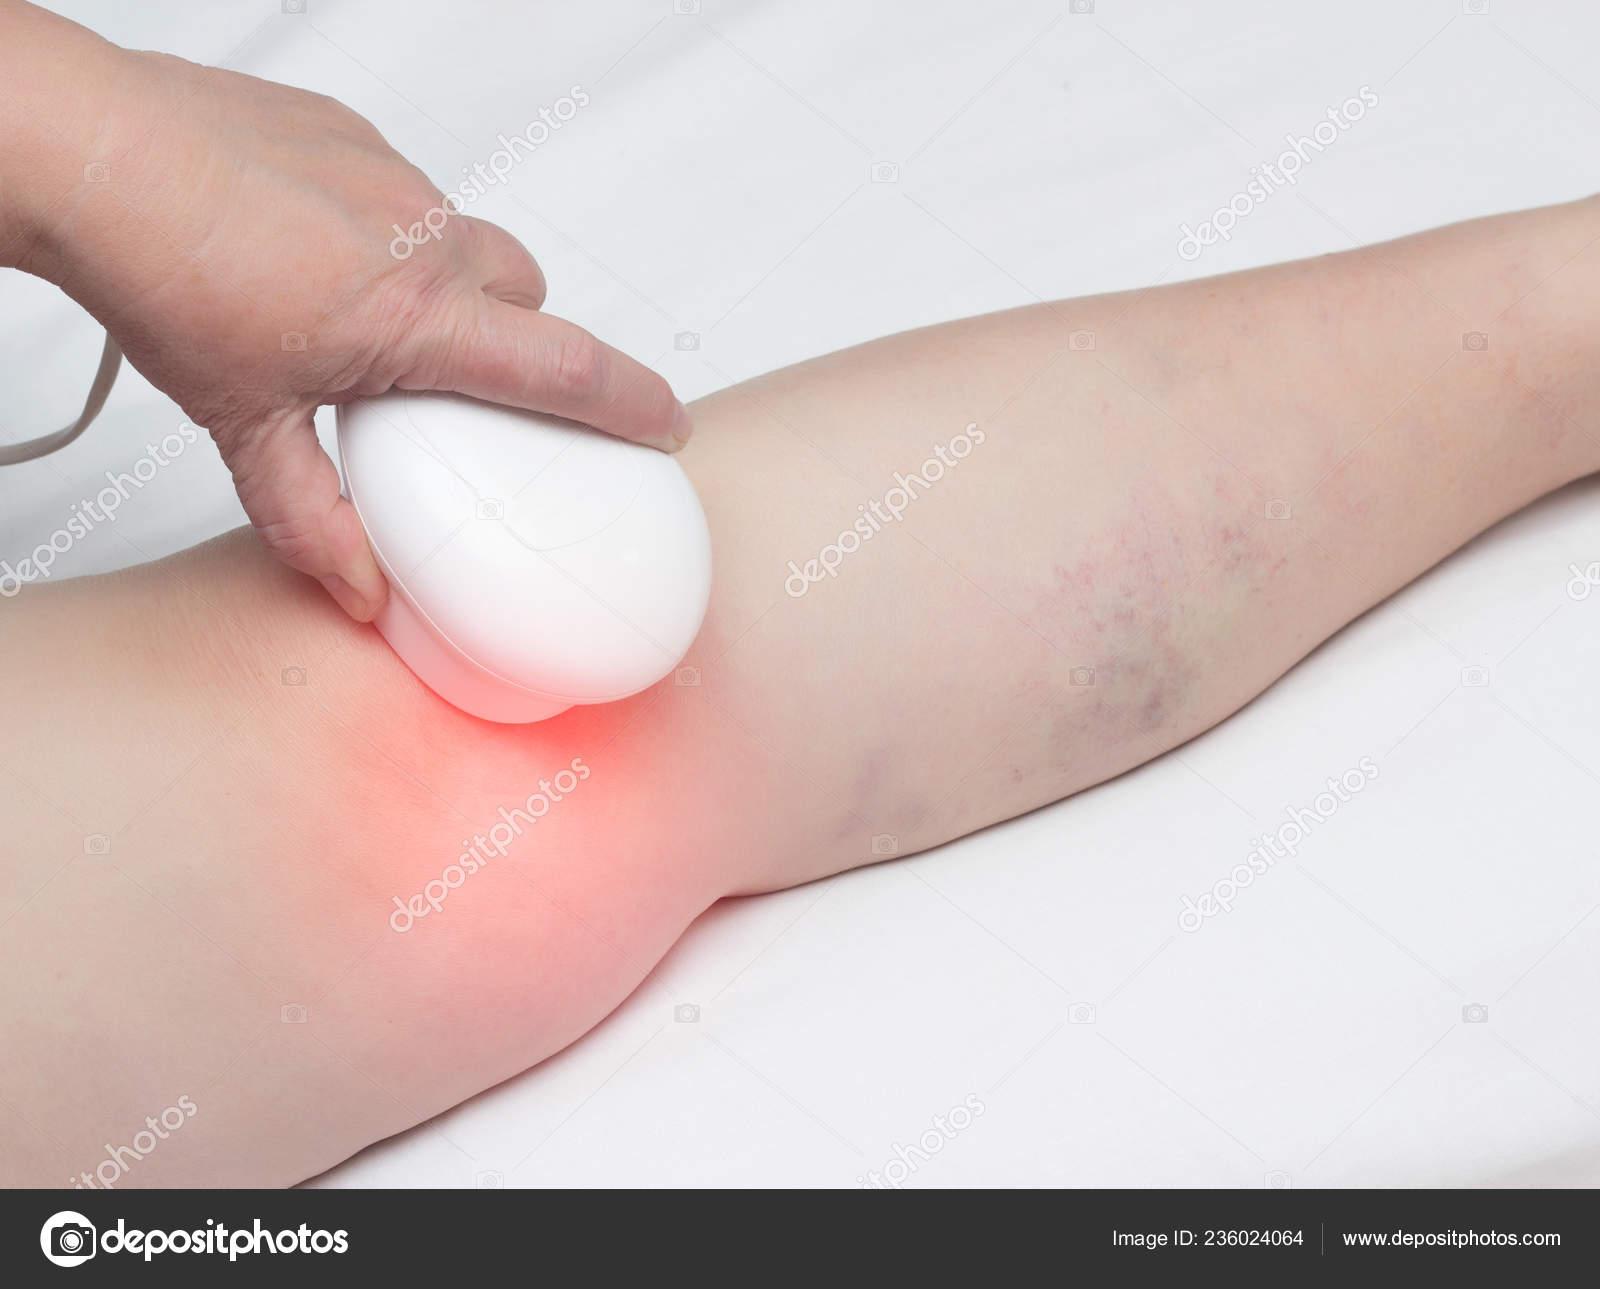 formatív osteoarthritis kezelése)